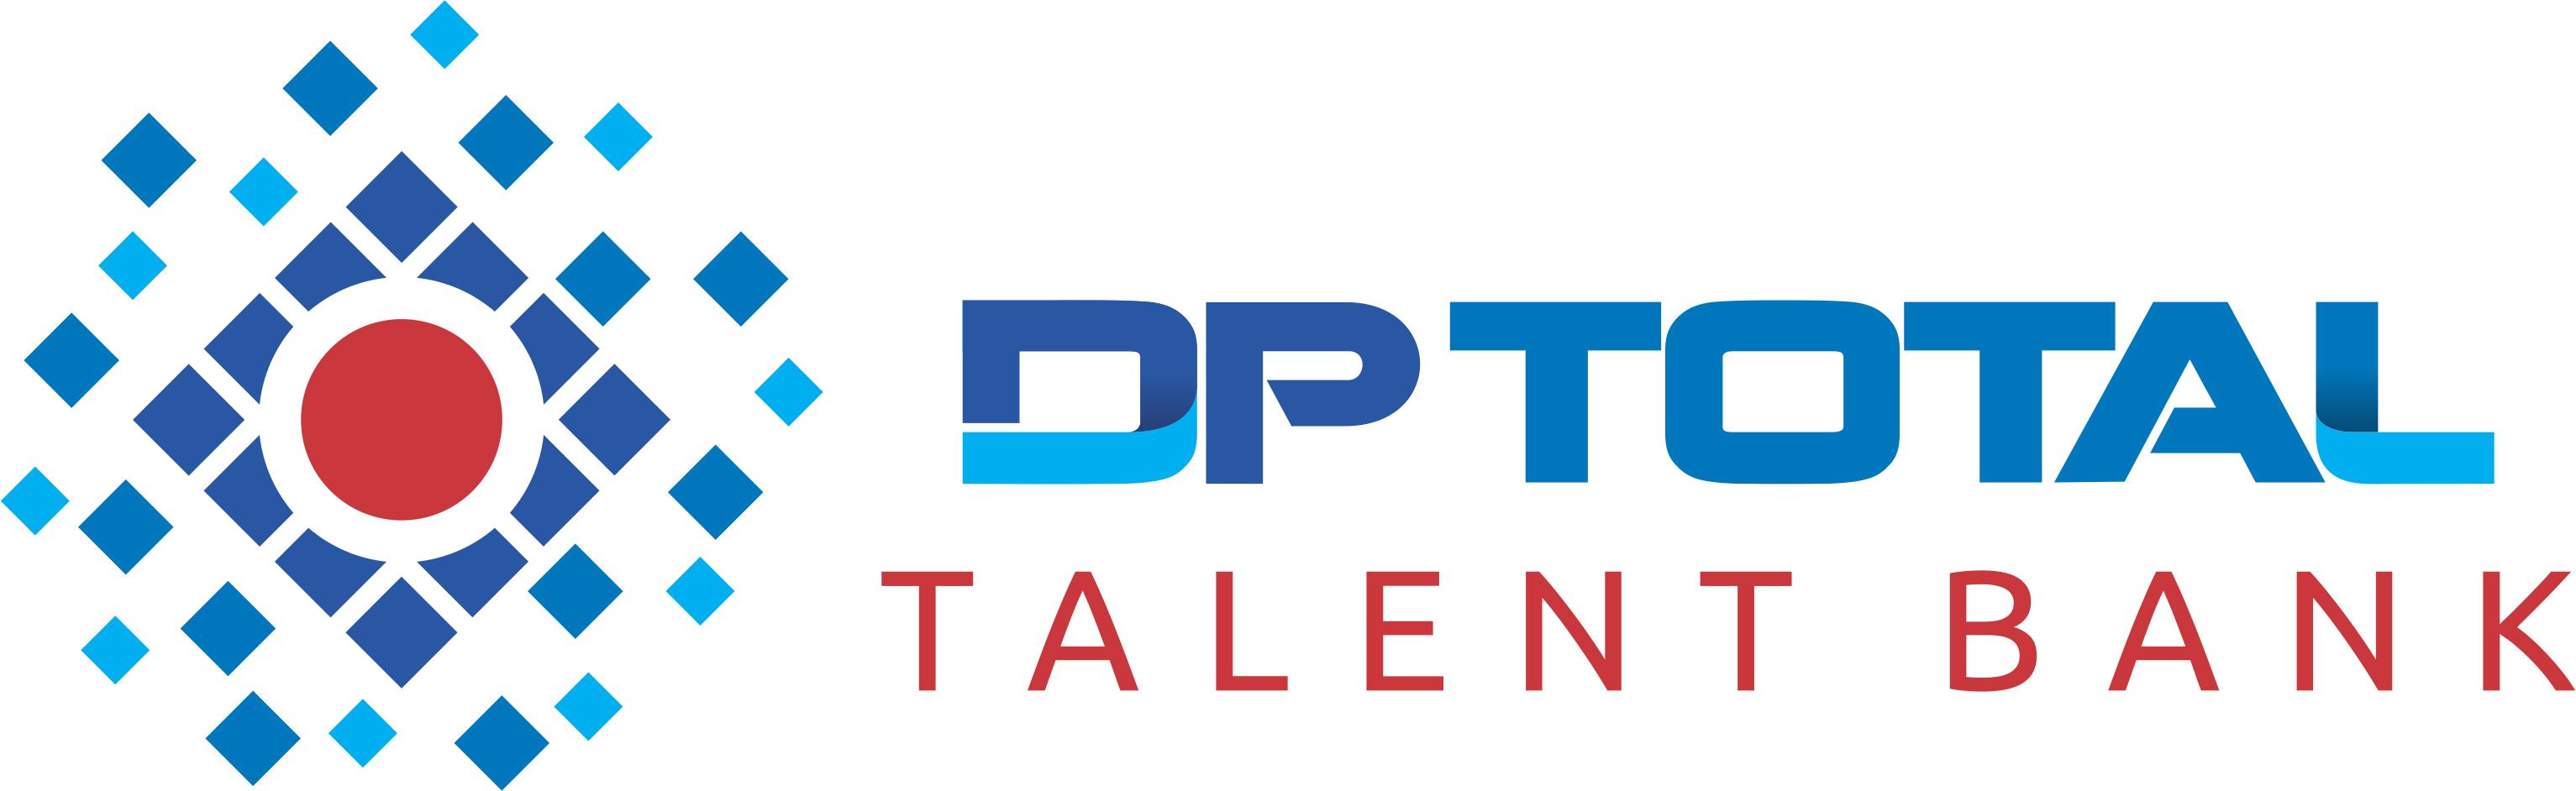 TalentBank Agência de Talentos e Competências